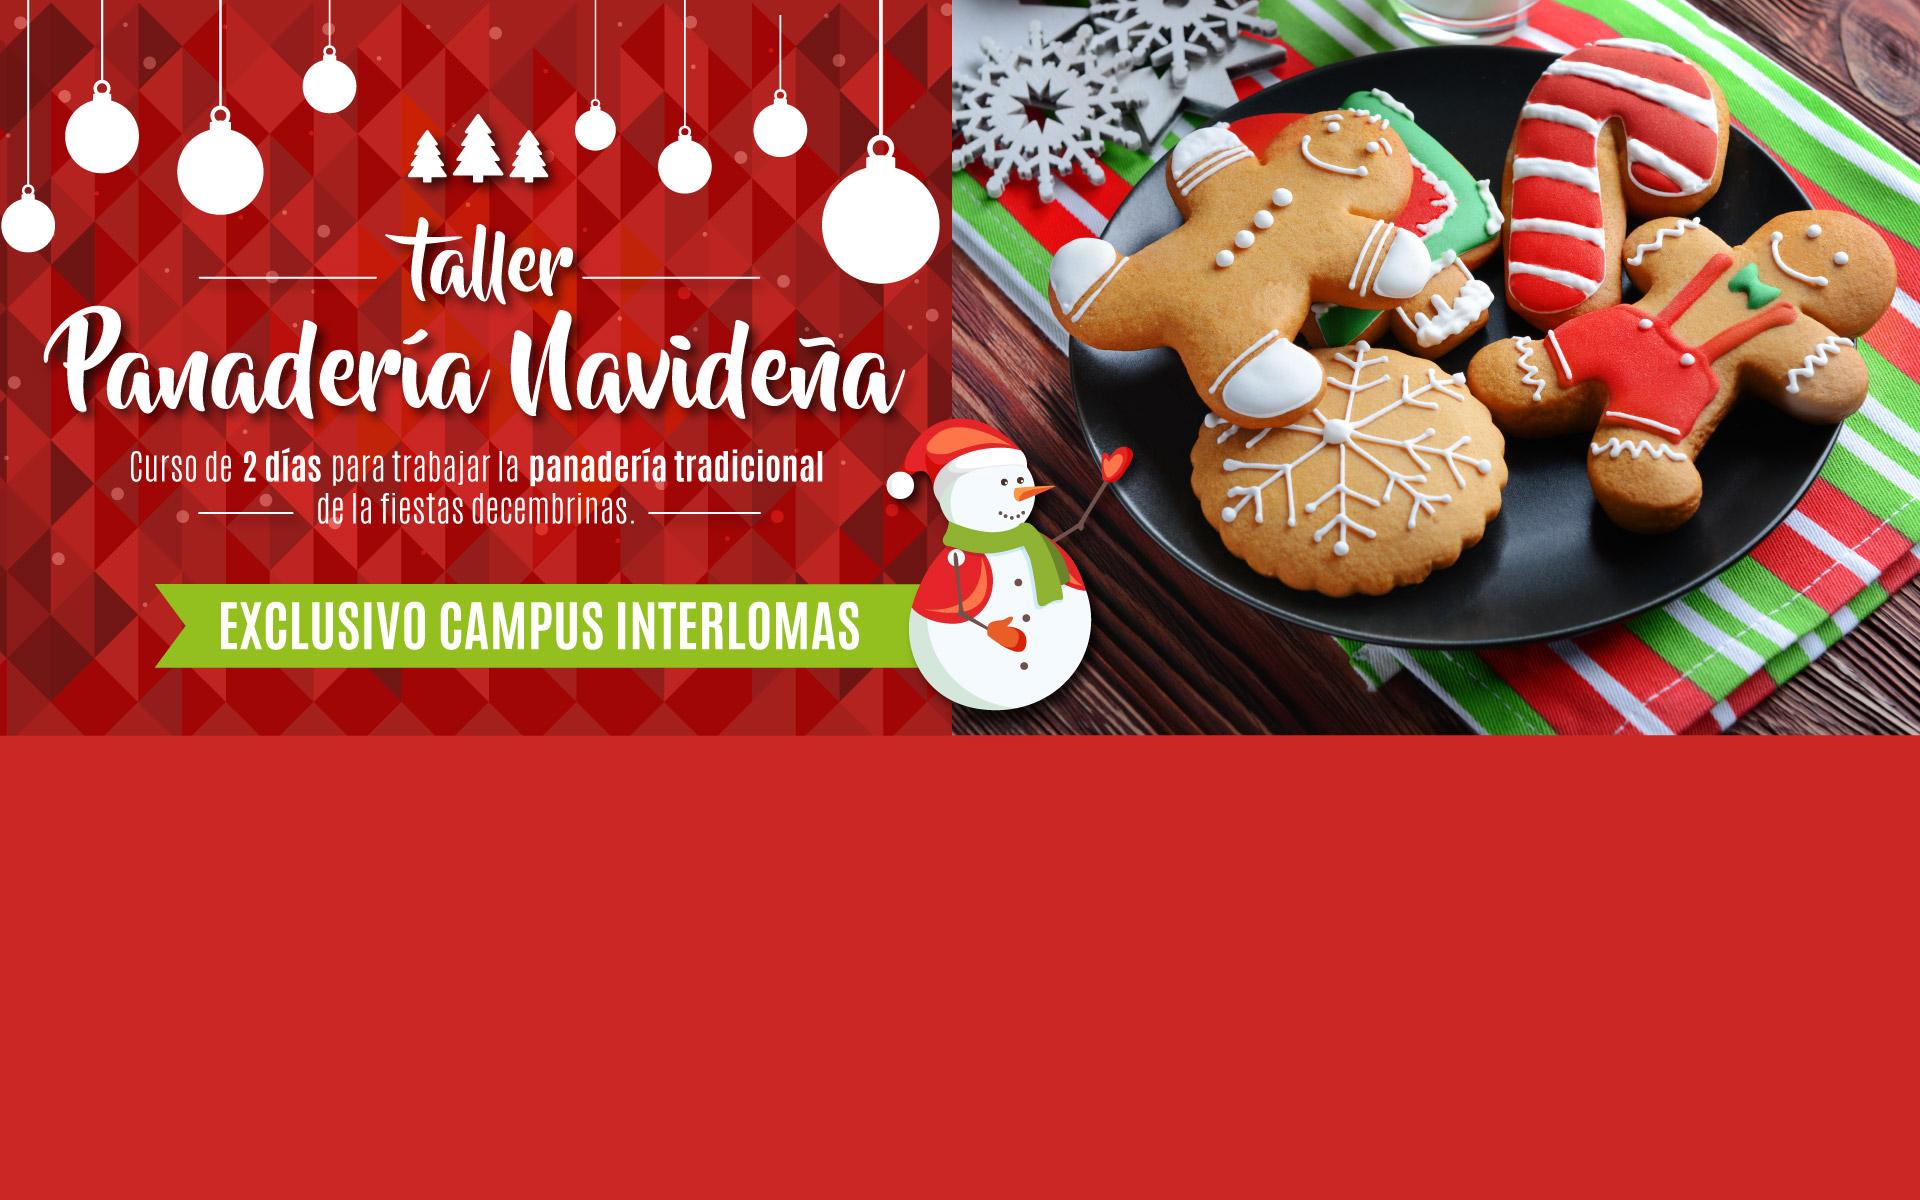 Navidad taller Navideño